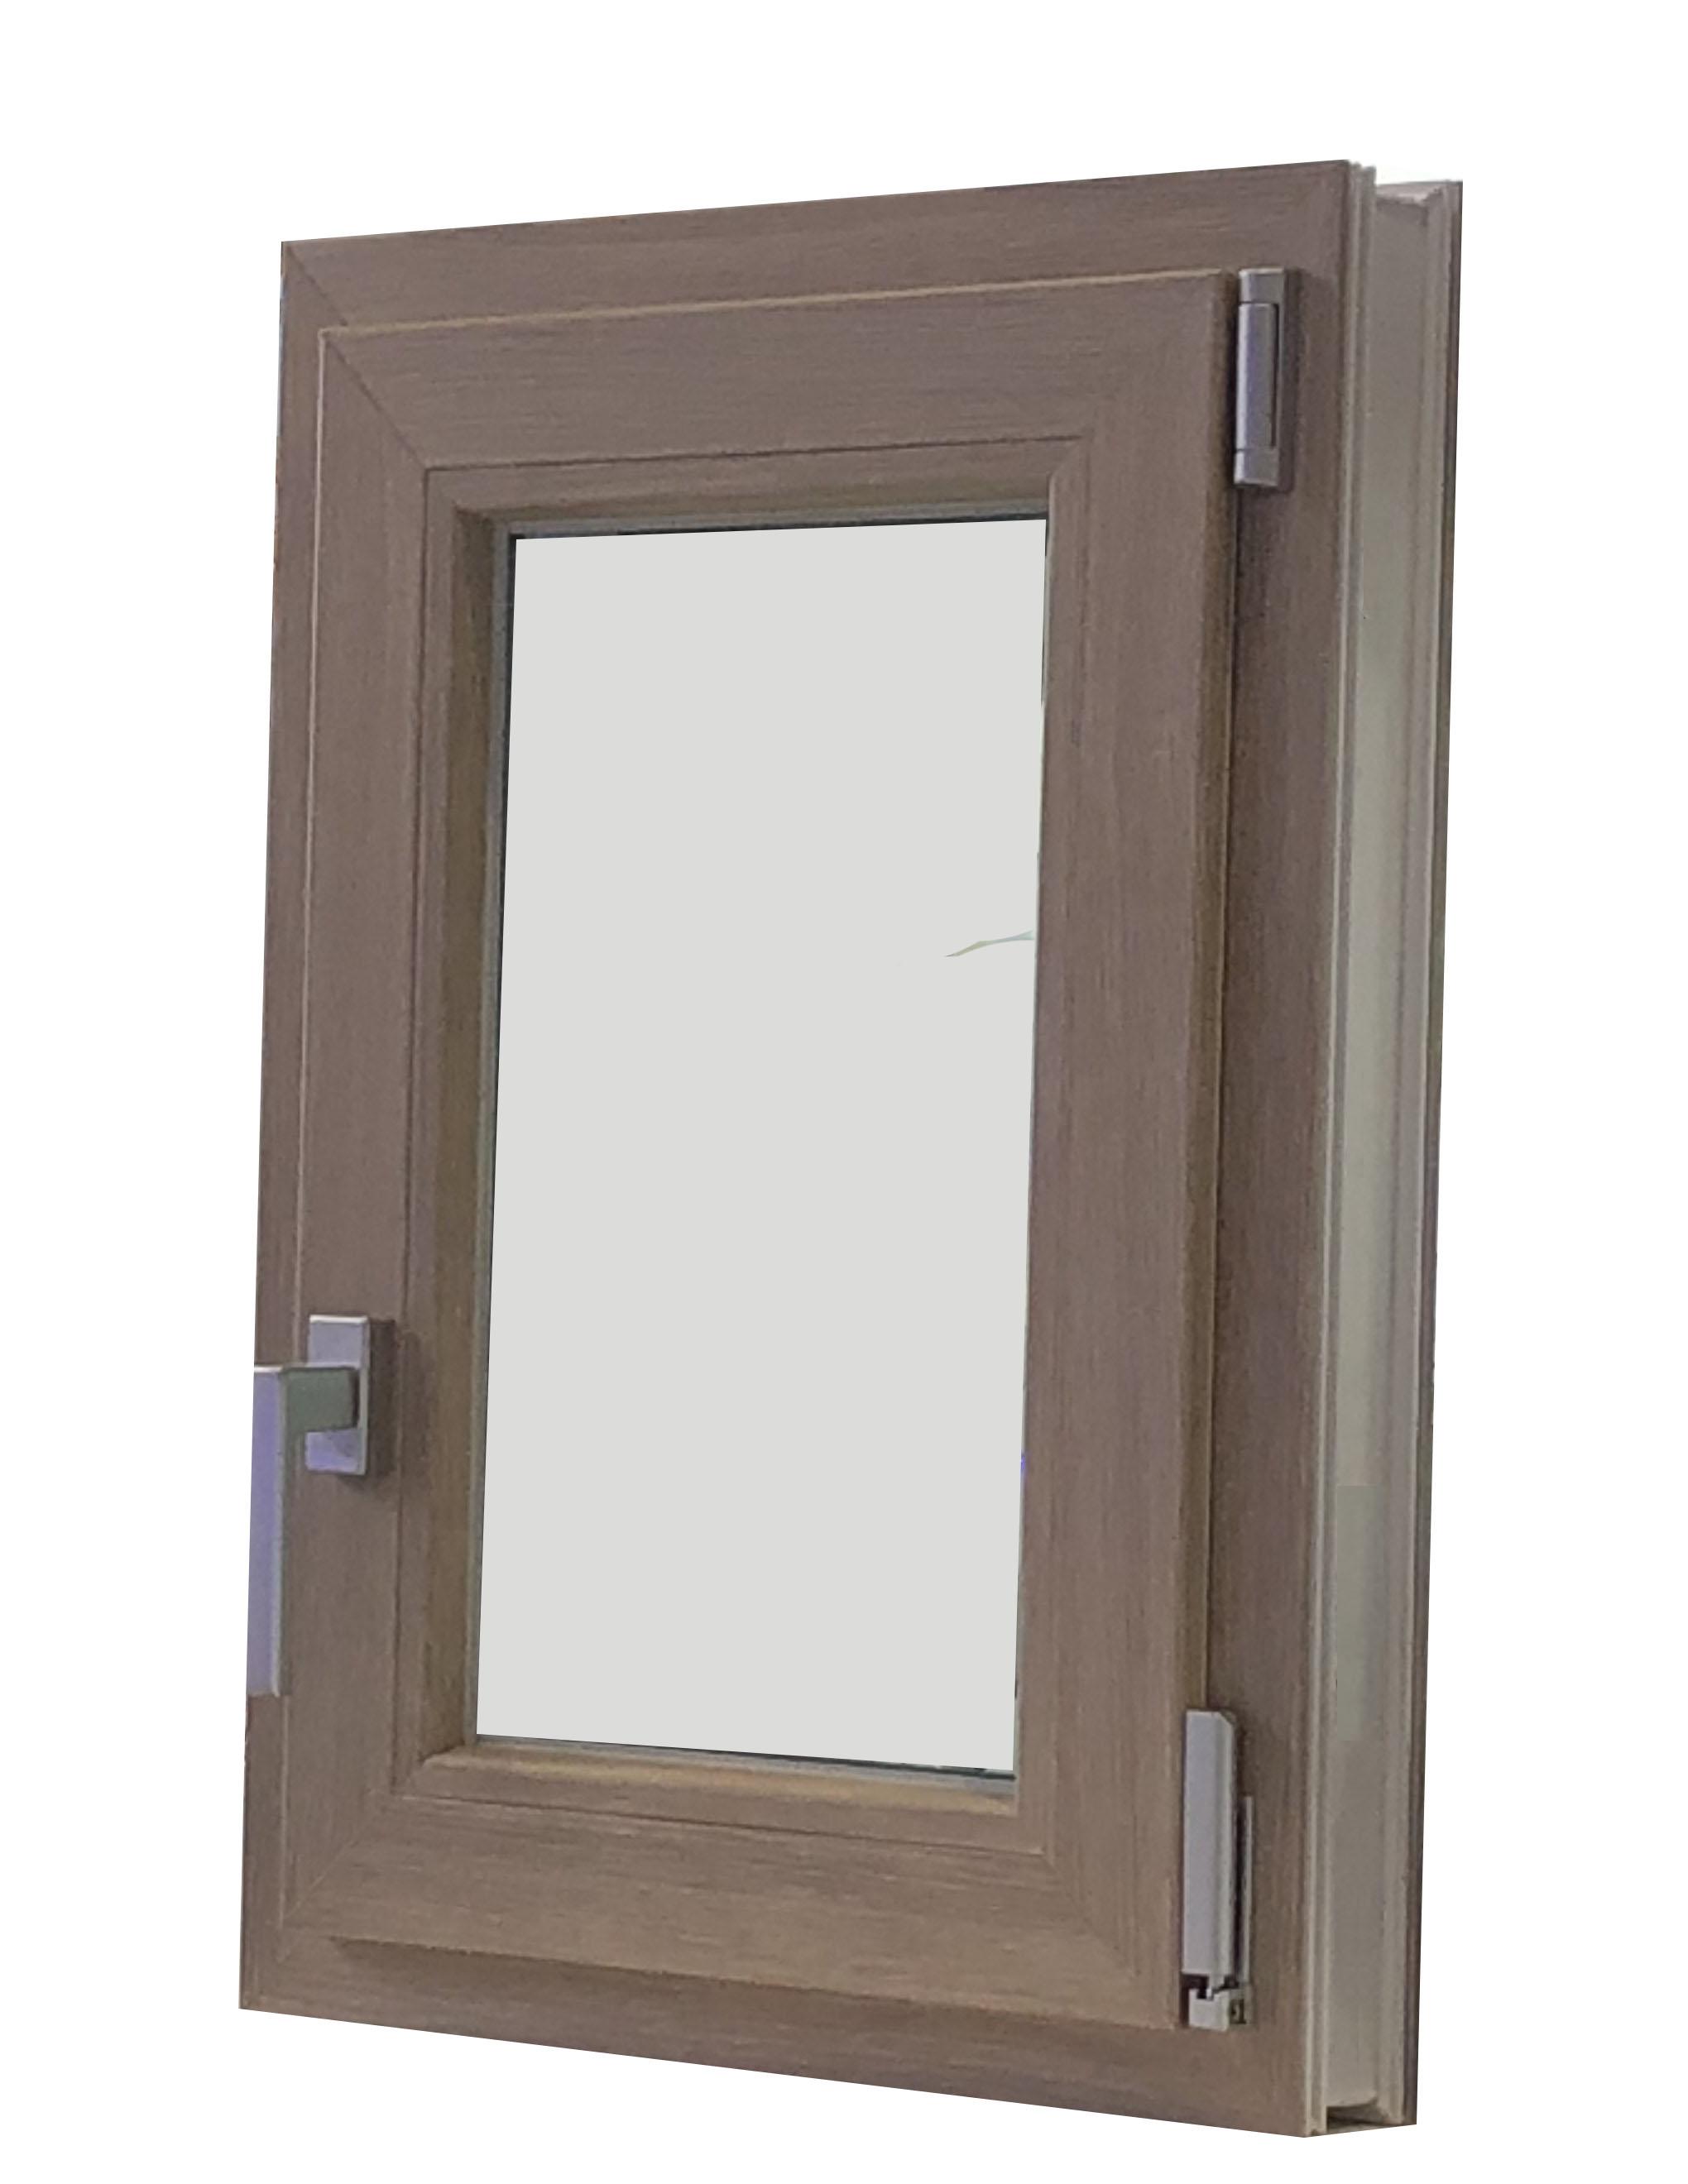 Finestre e serramenti in pvc vergine da 80 mm - Serramenti e finestre ...